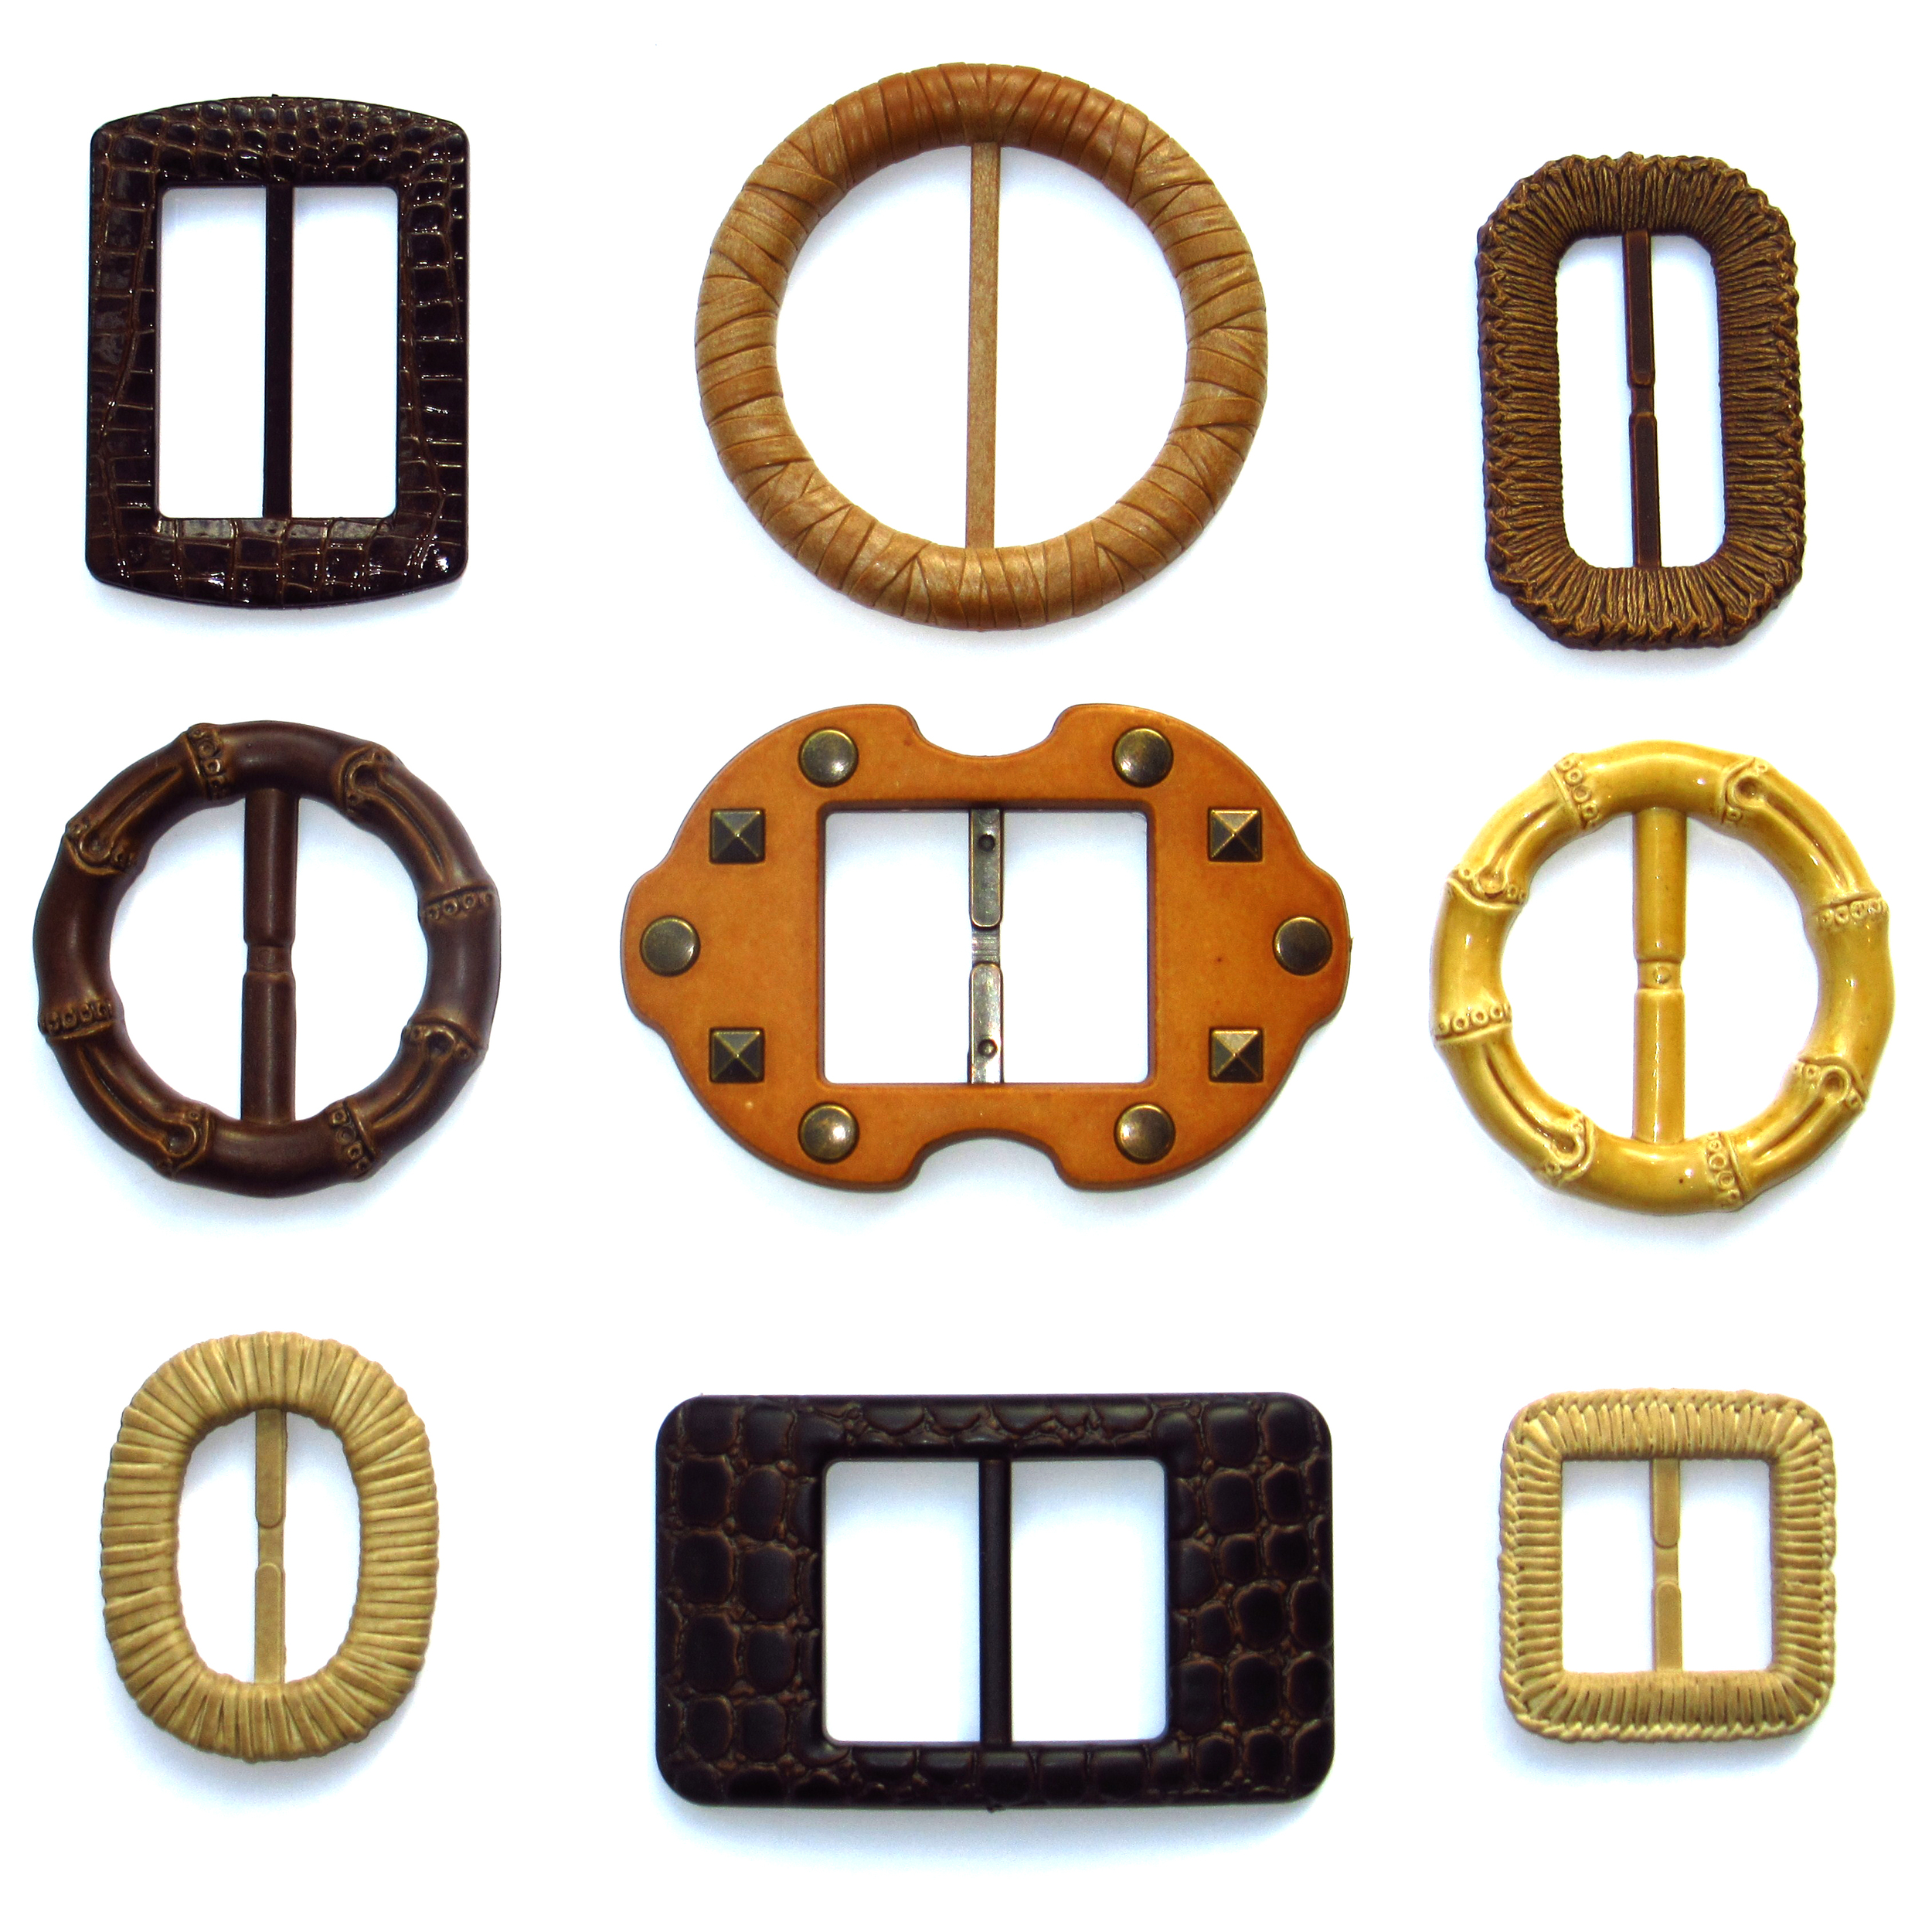 Natural imitation belt buckles